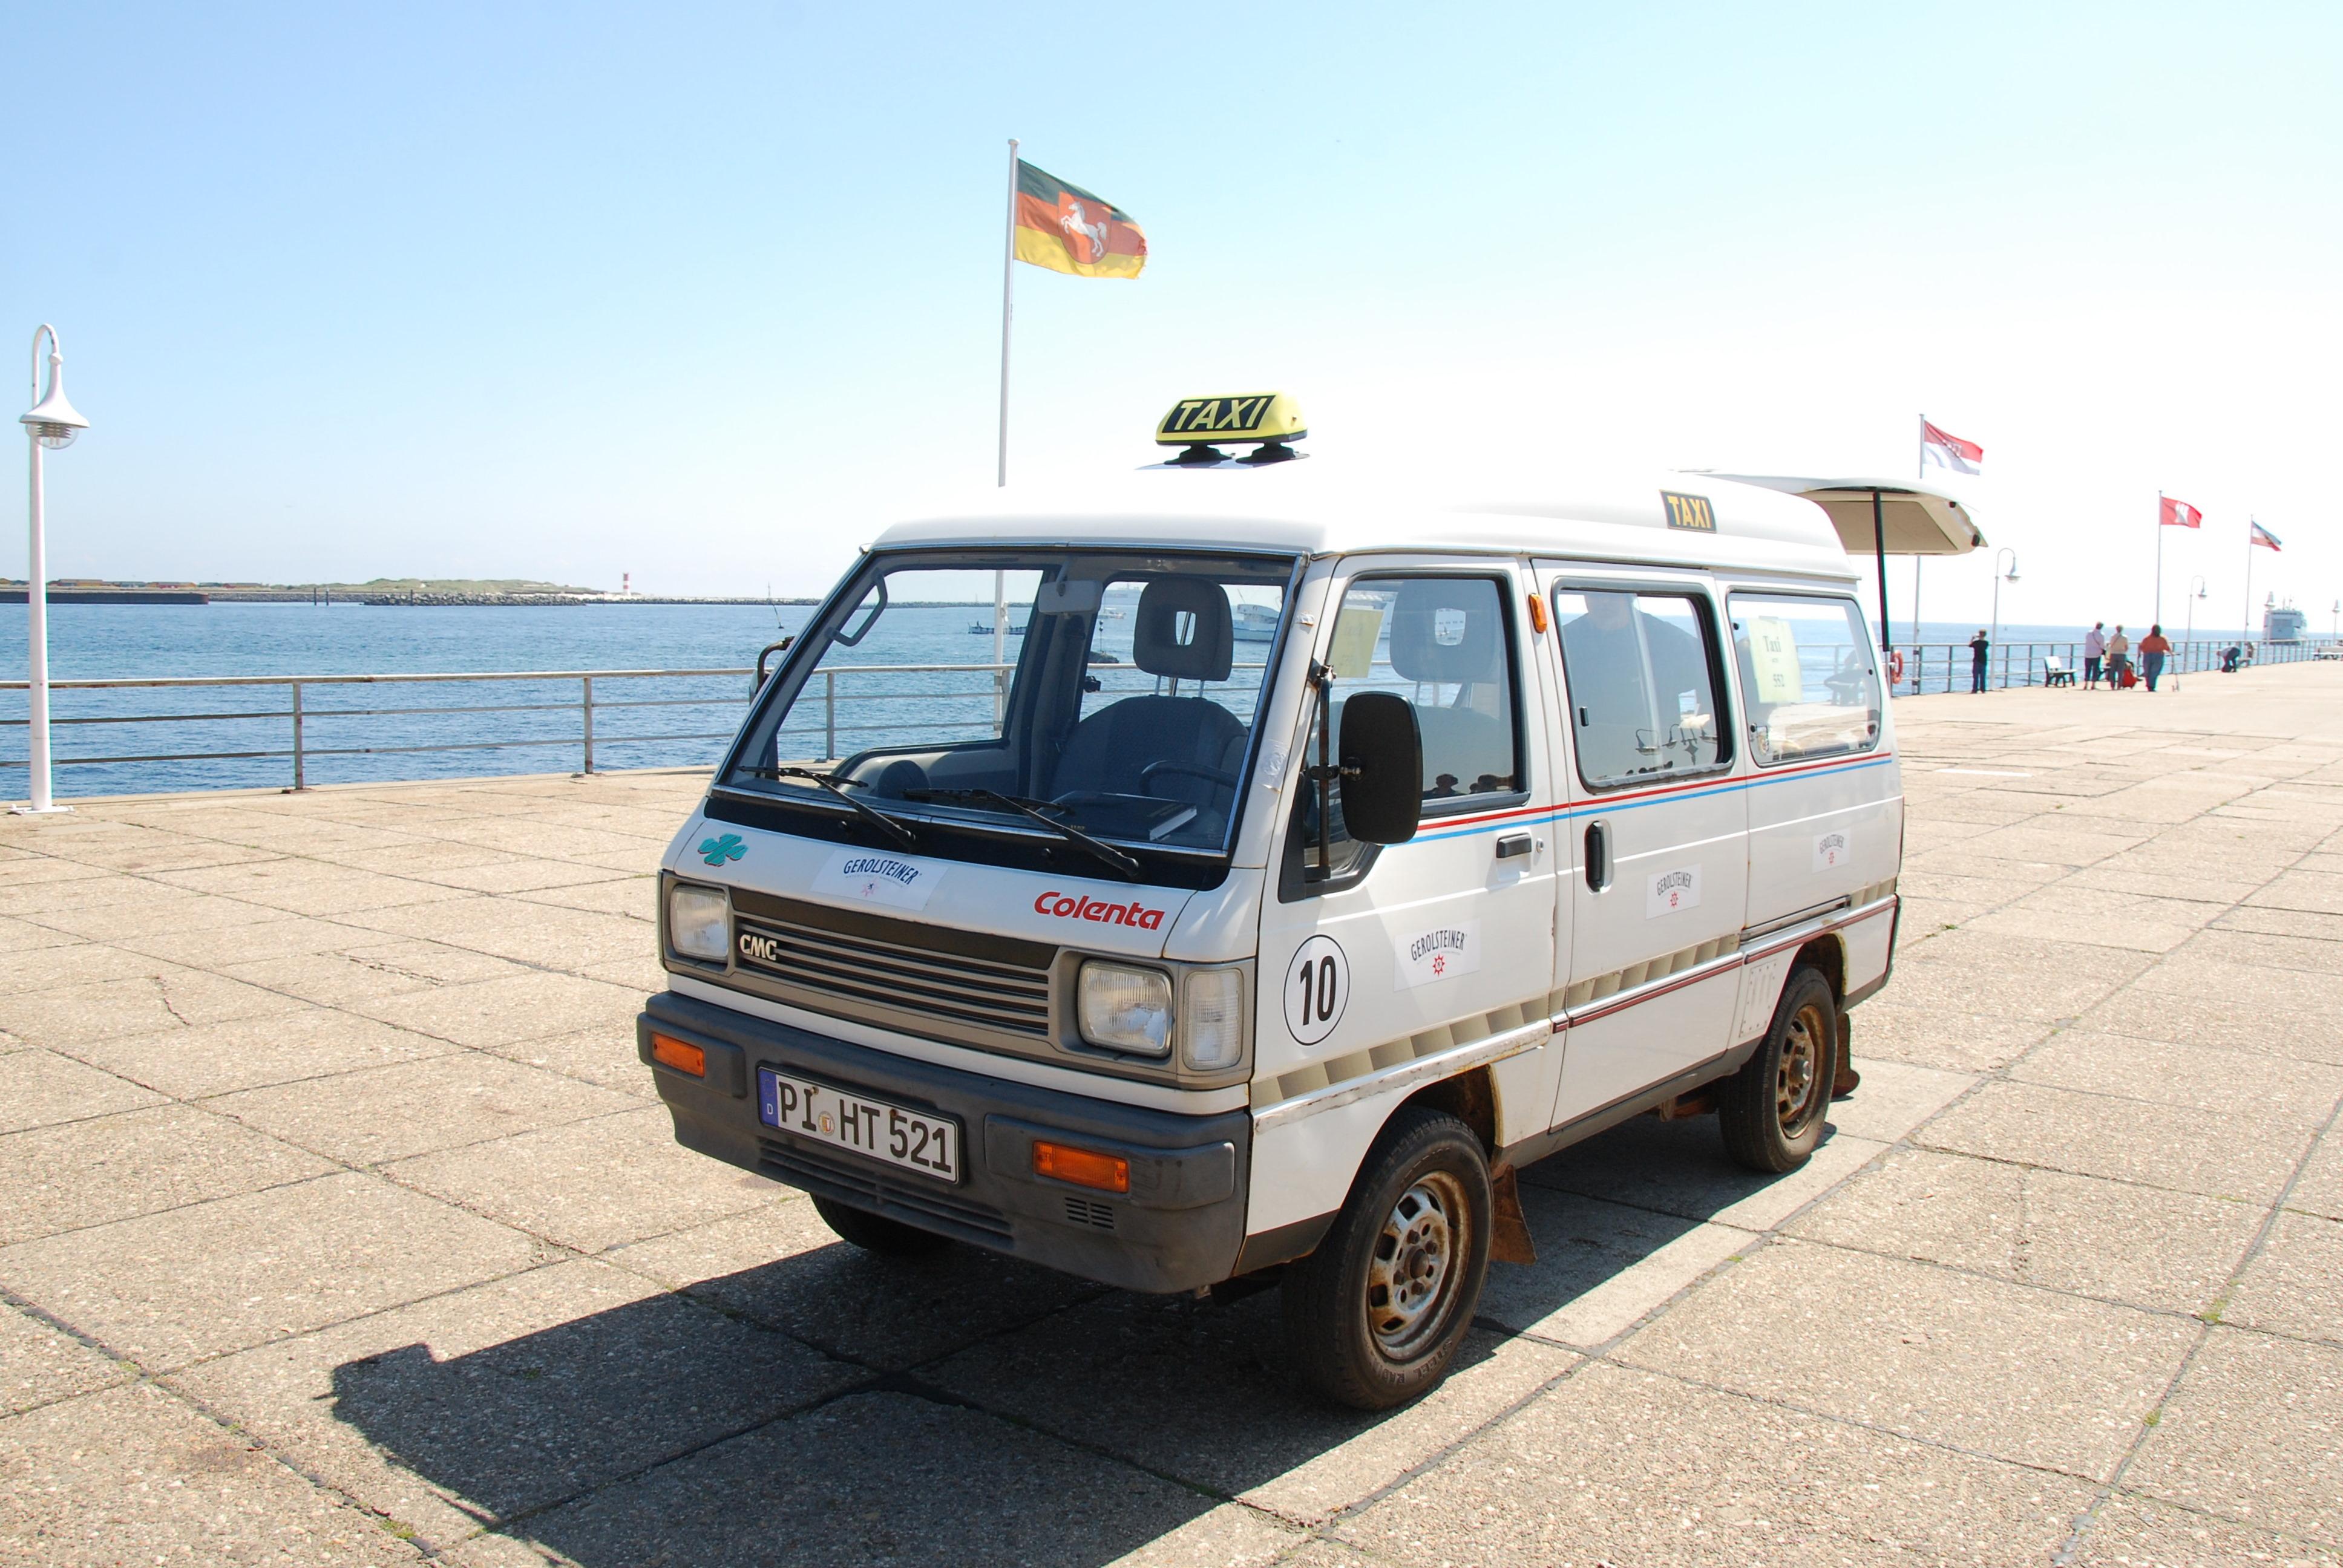 El-taxa venter på gæster der ønsker transport.